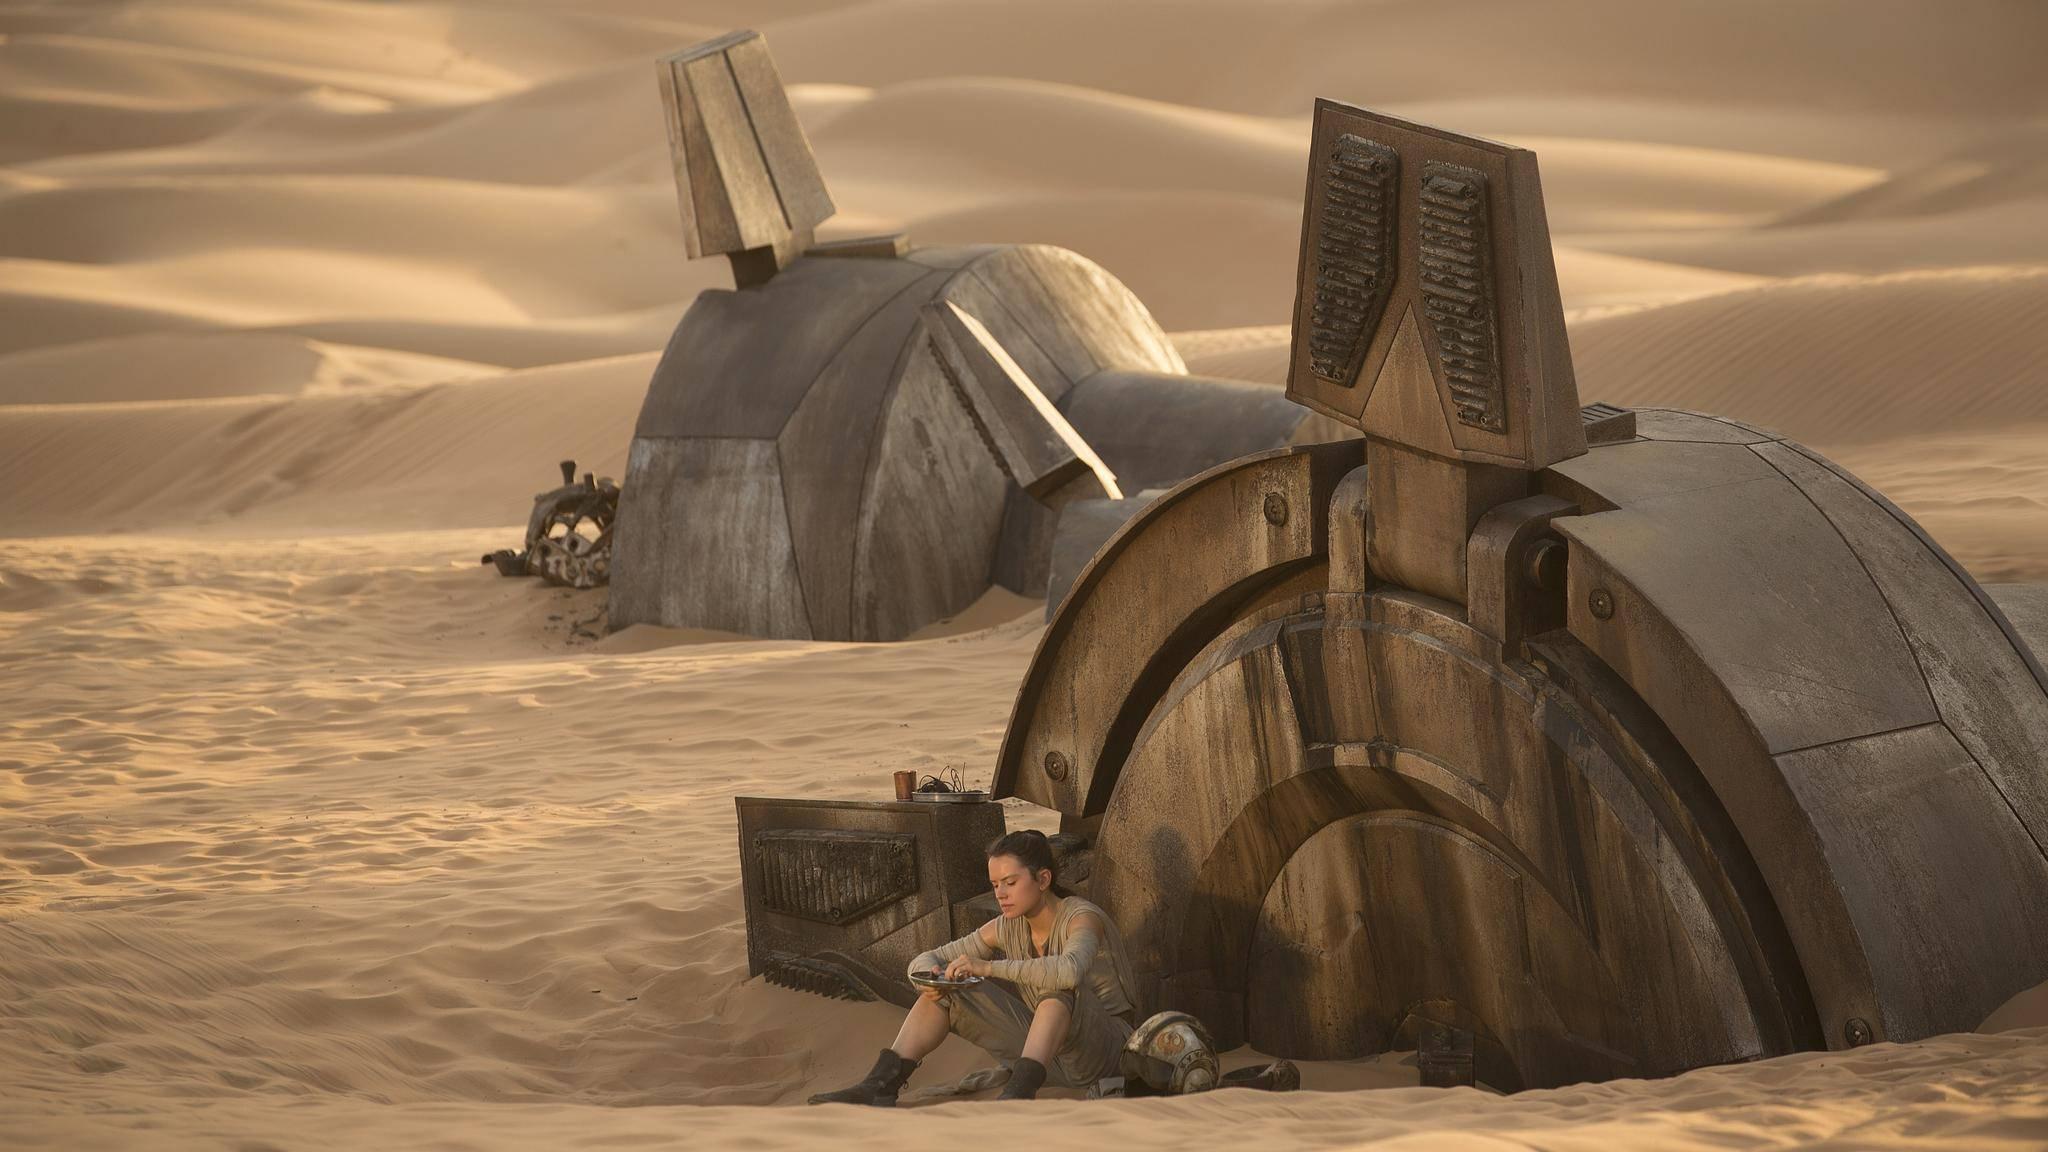 Ein Zusammentreffen von Lando und Rey hätte interessant werden können.